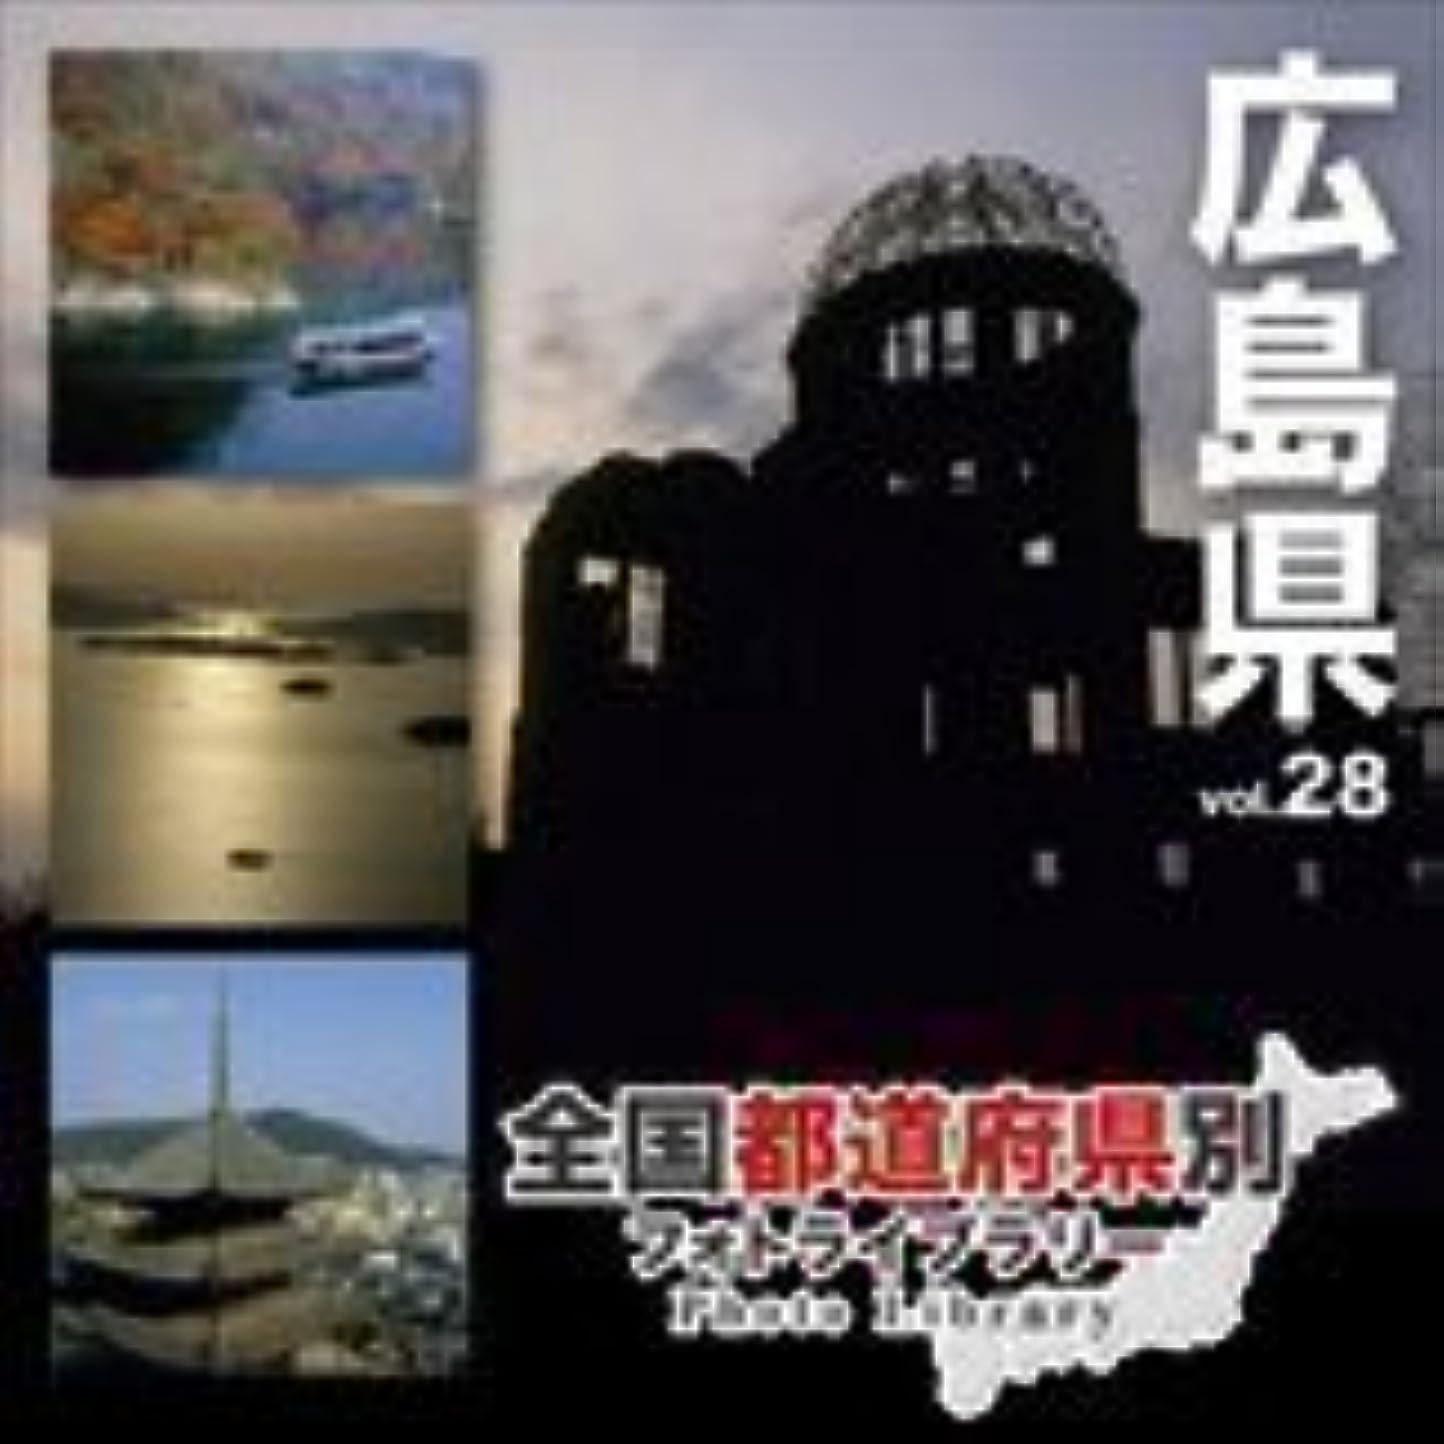 多様体のホストきれいに全国都道府県別フォトライブラリー Vol.28 広島県